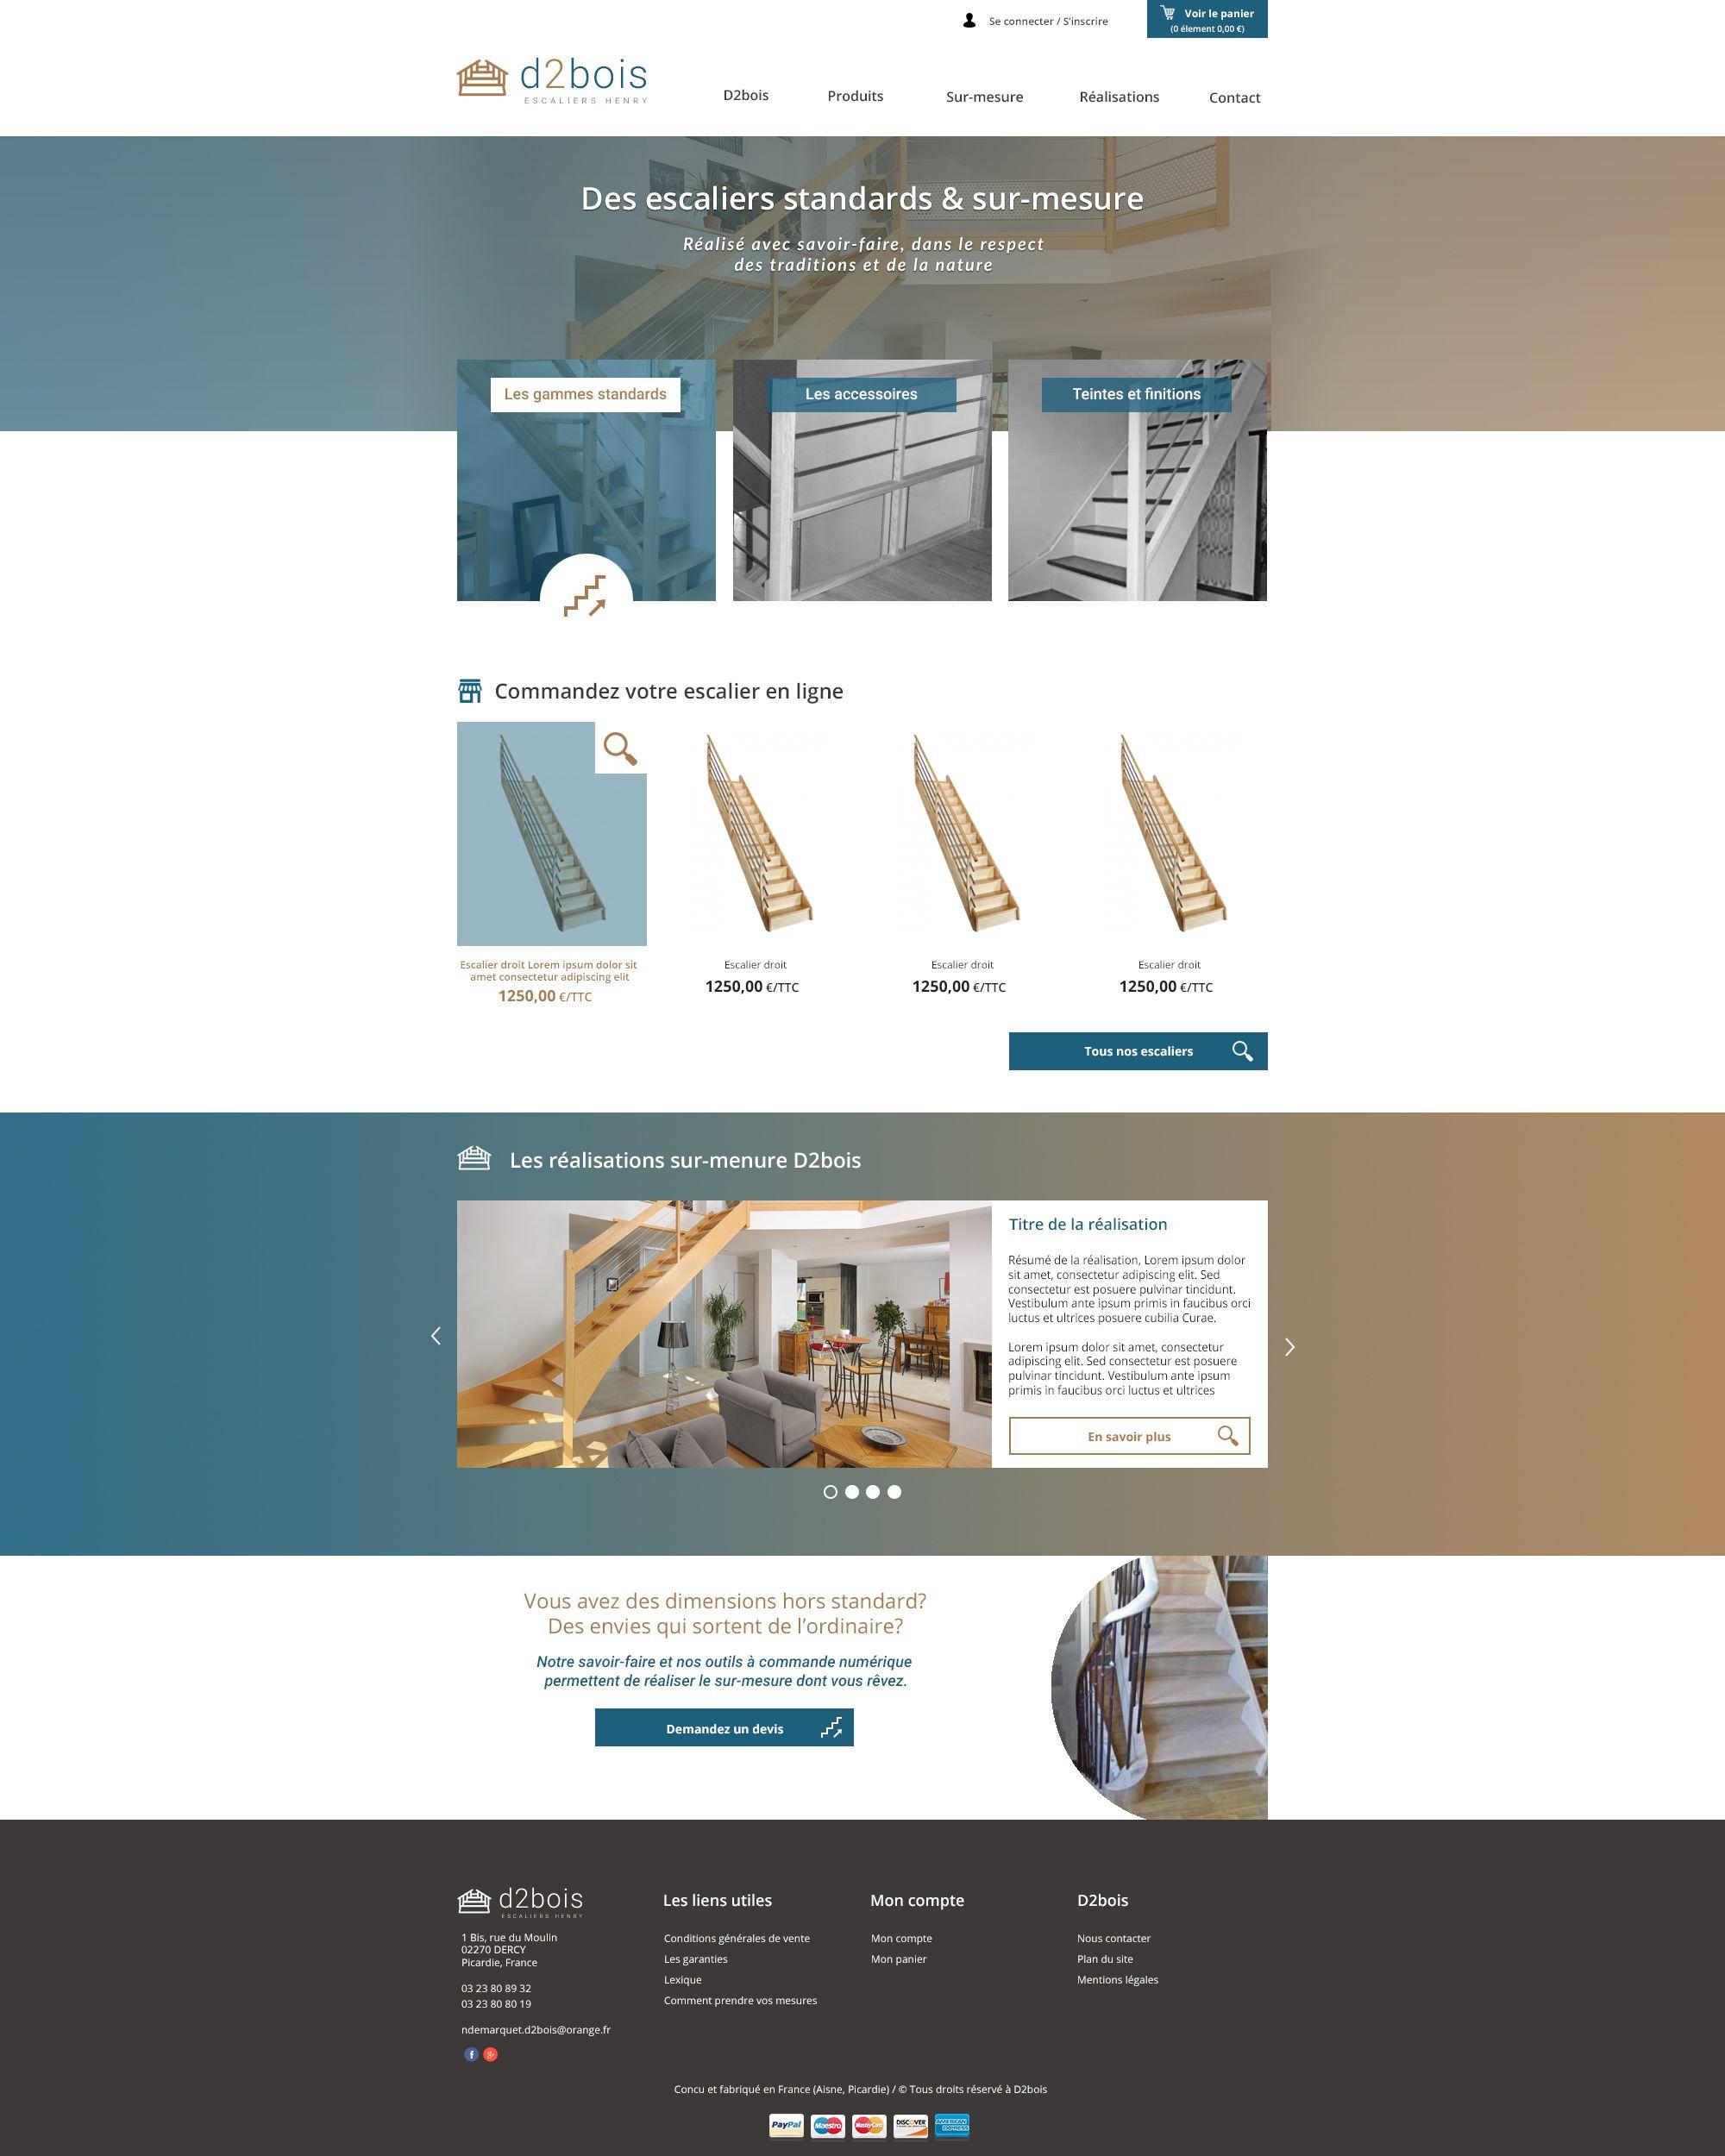 Cr ation du site internet de l 39 entreprise d2bois for Idee entreprise internet